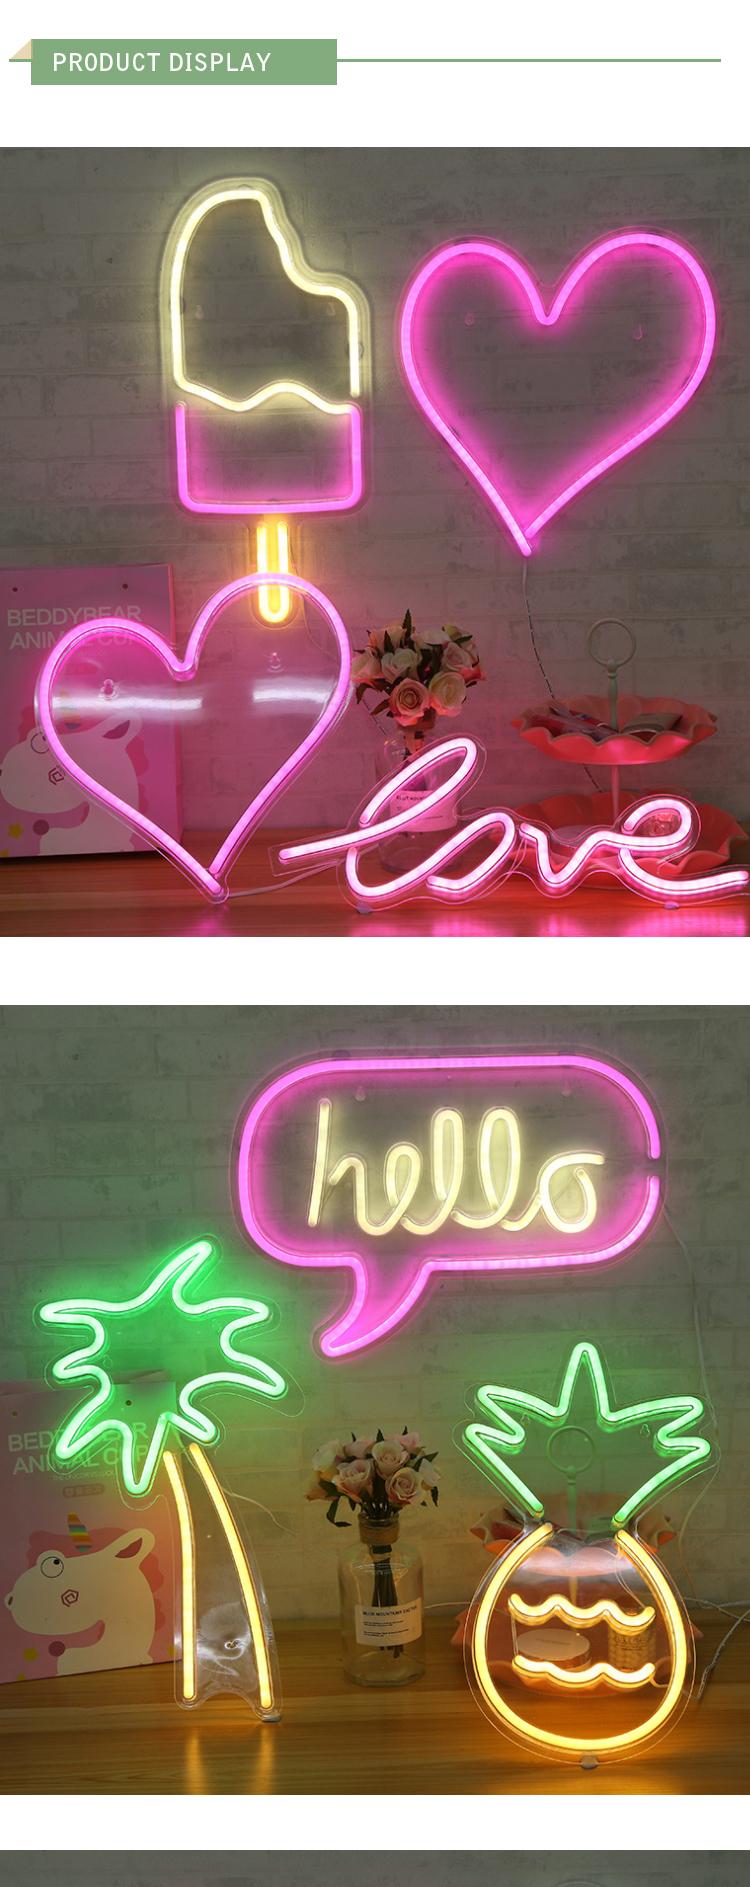 Сердце Любовь Usb кабель свадьба и празднование фестивалей LED Красочный неоновый знак